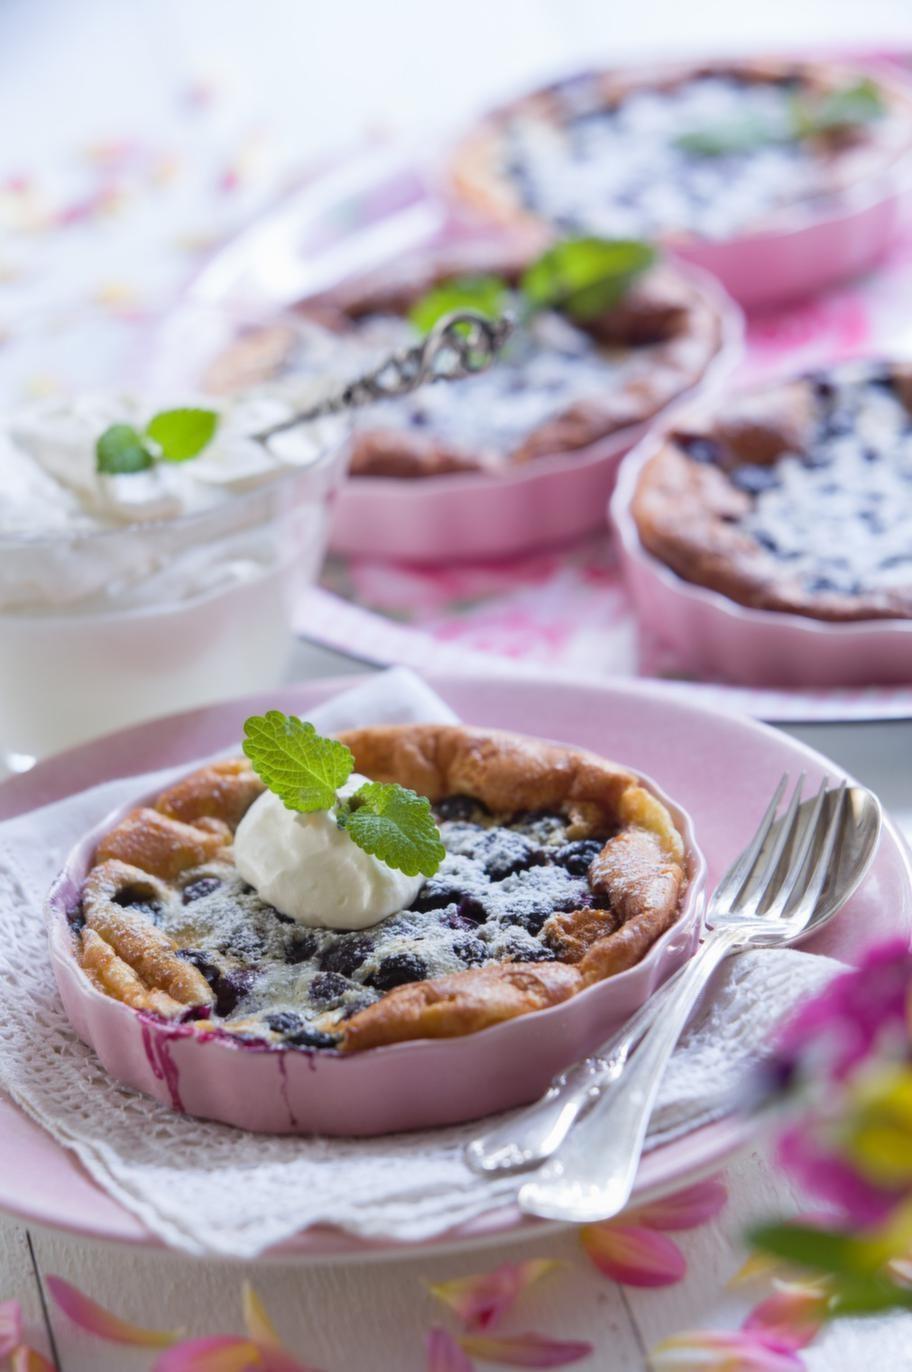 Clafoutis med blåbär och citron.En finare ungspannkaka i portionsform med odlade blåbär smaksatta med citron.